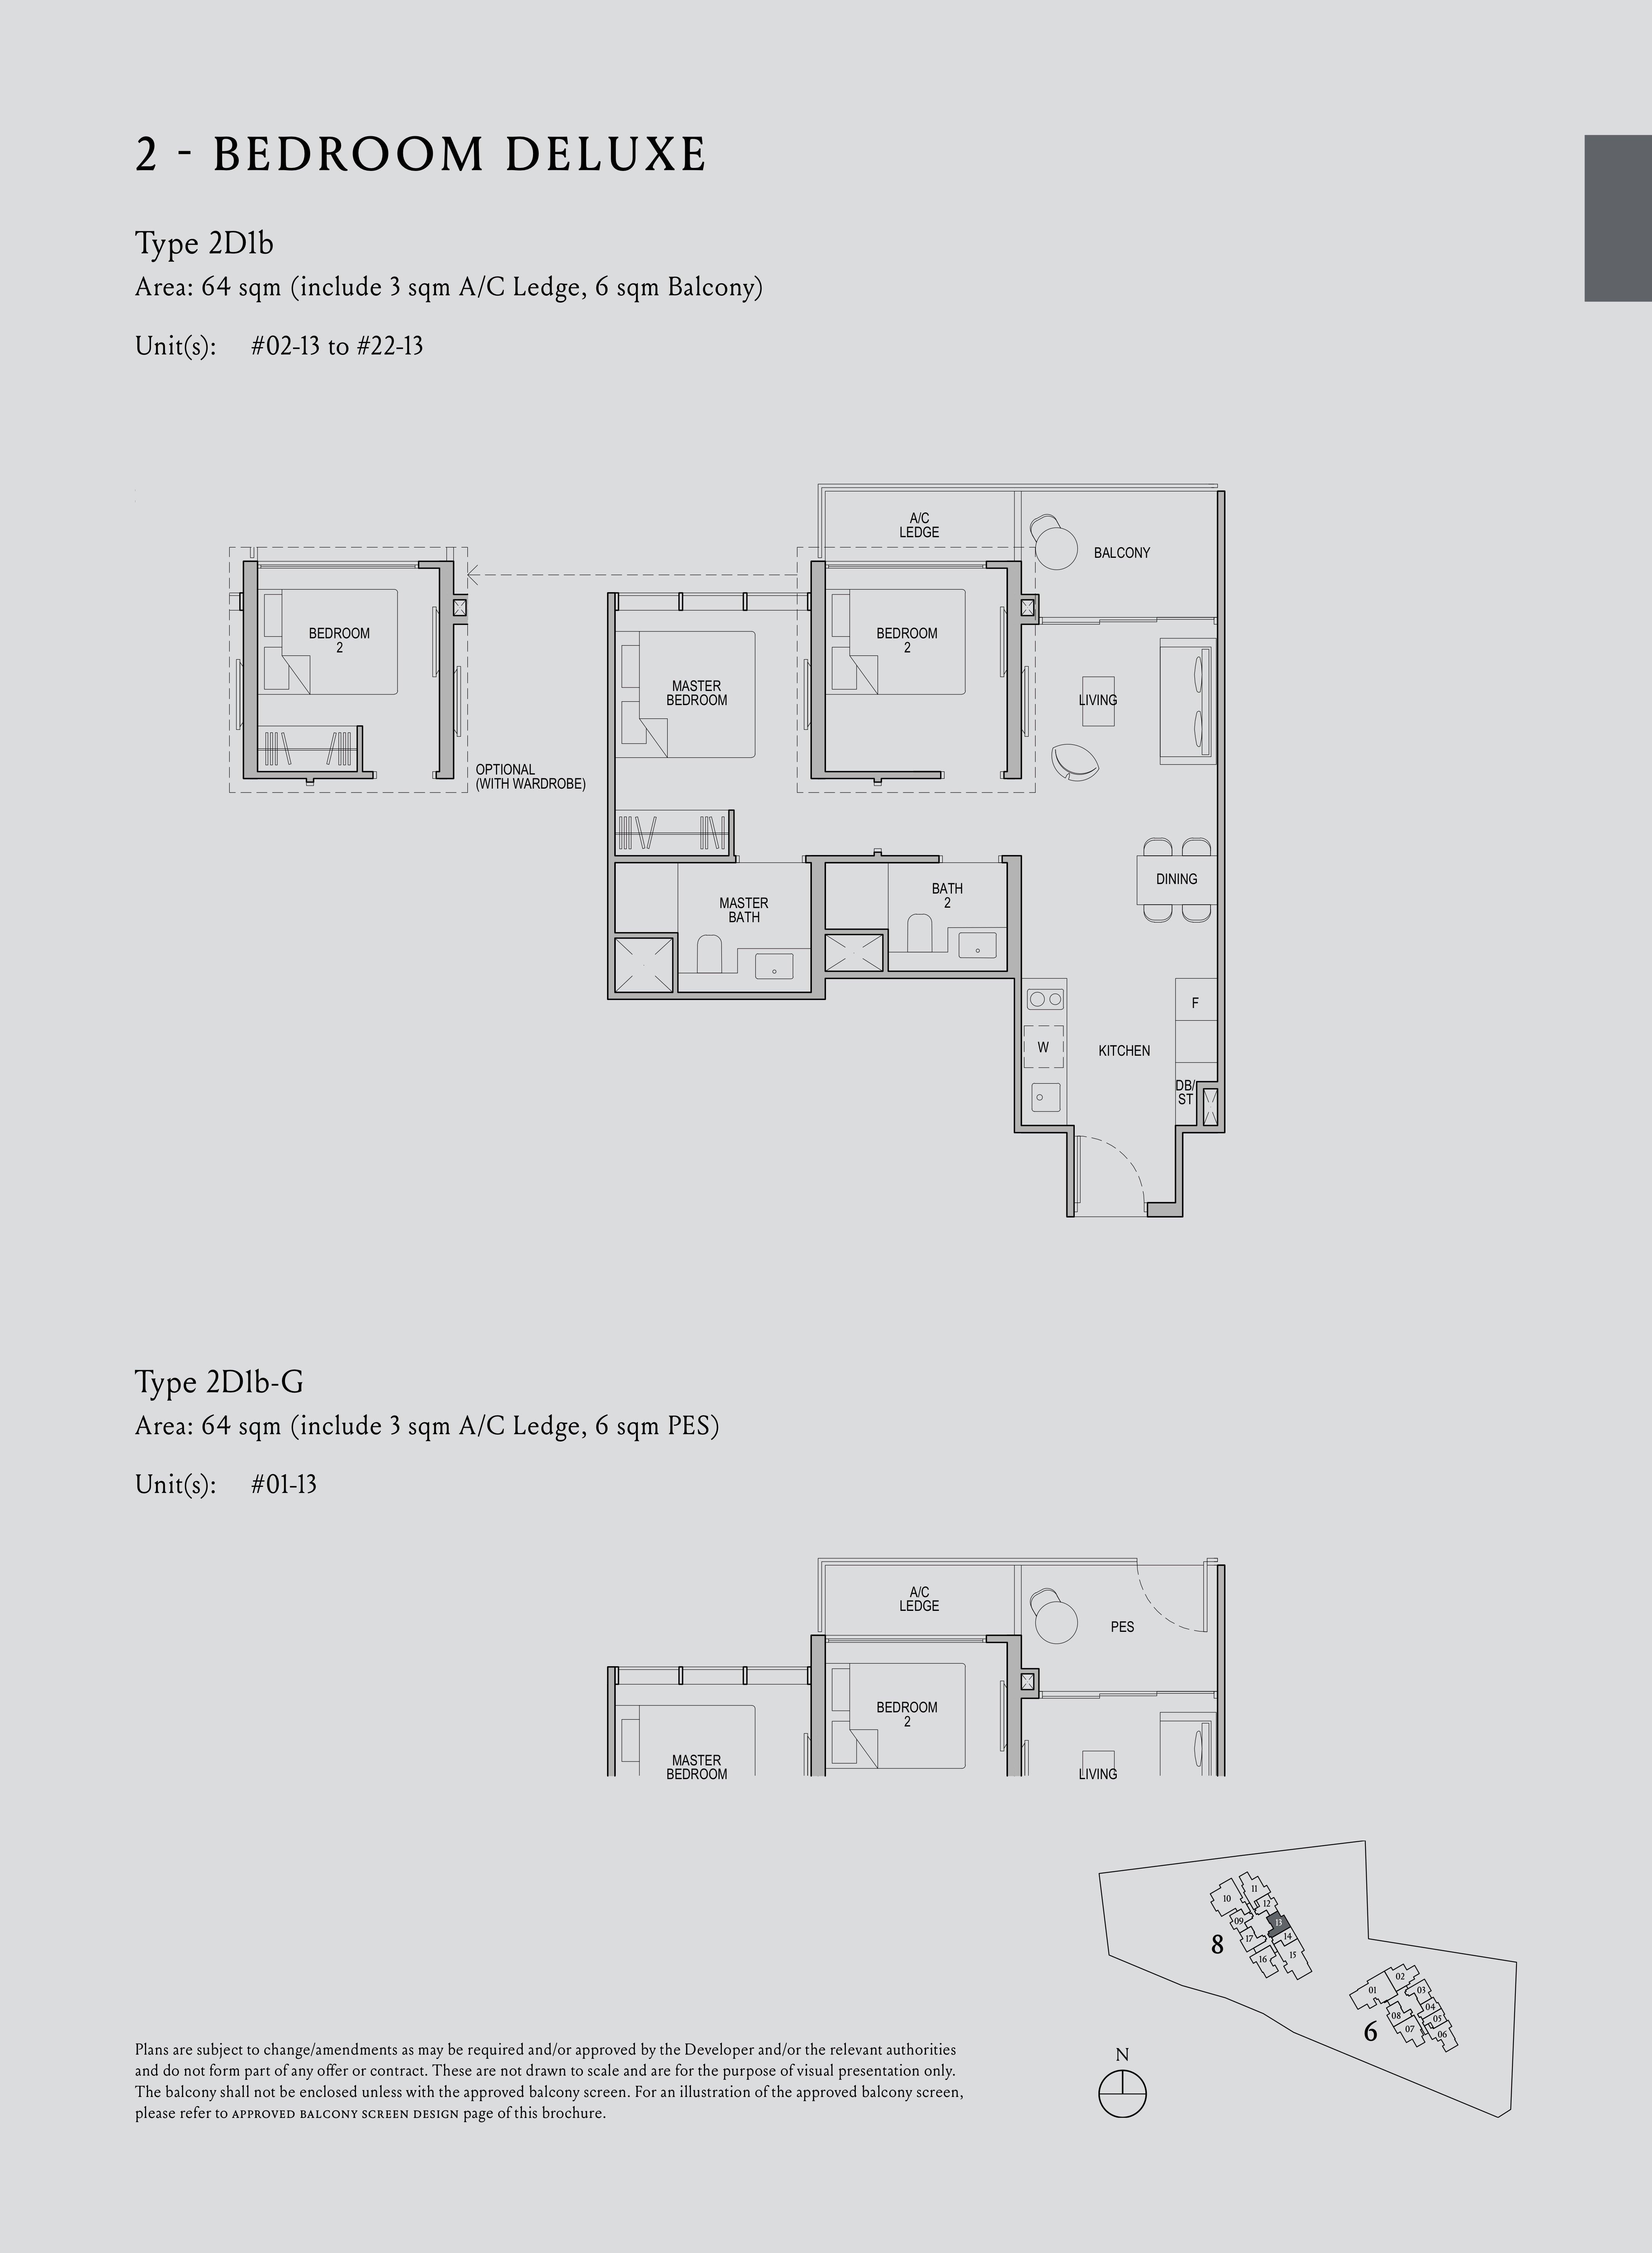 Kopar At Newton 纽顿铜源 2-bedroom deluxe 2D1b floor plan